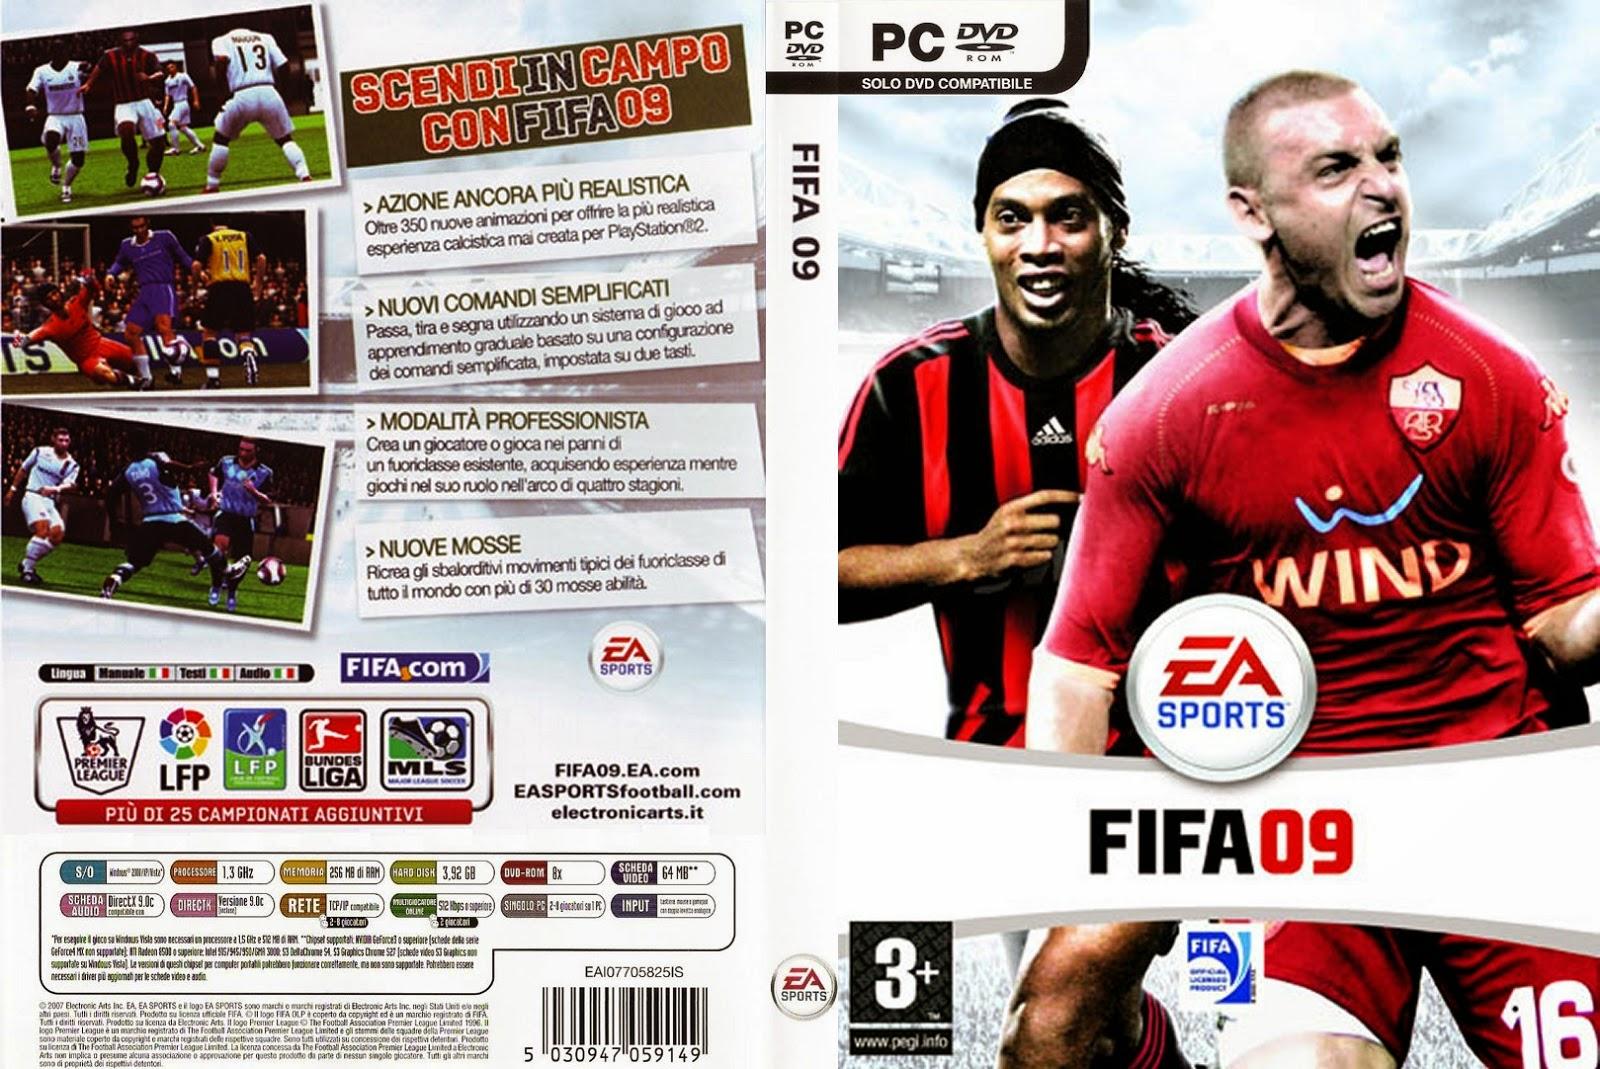 تحميل لعبة FIFA 09 برابط واحد وبدون تثبيت